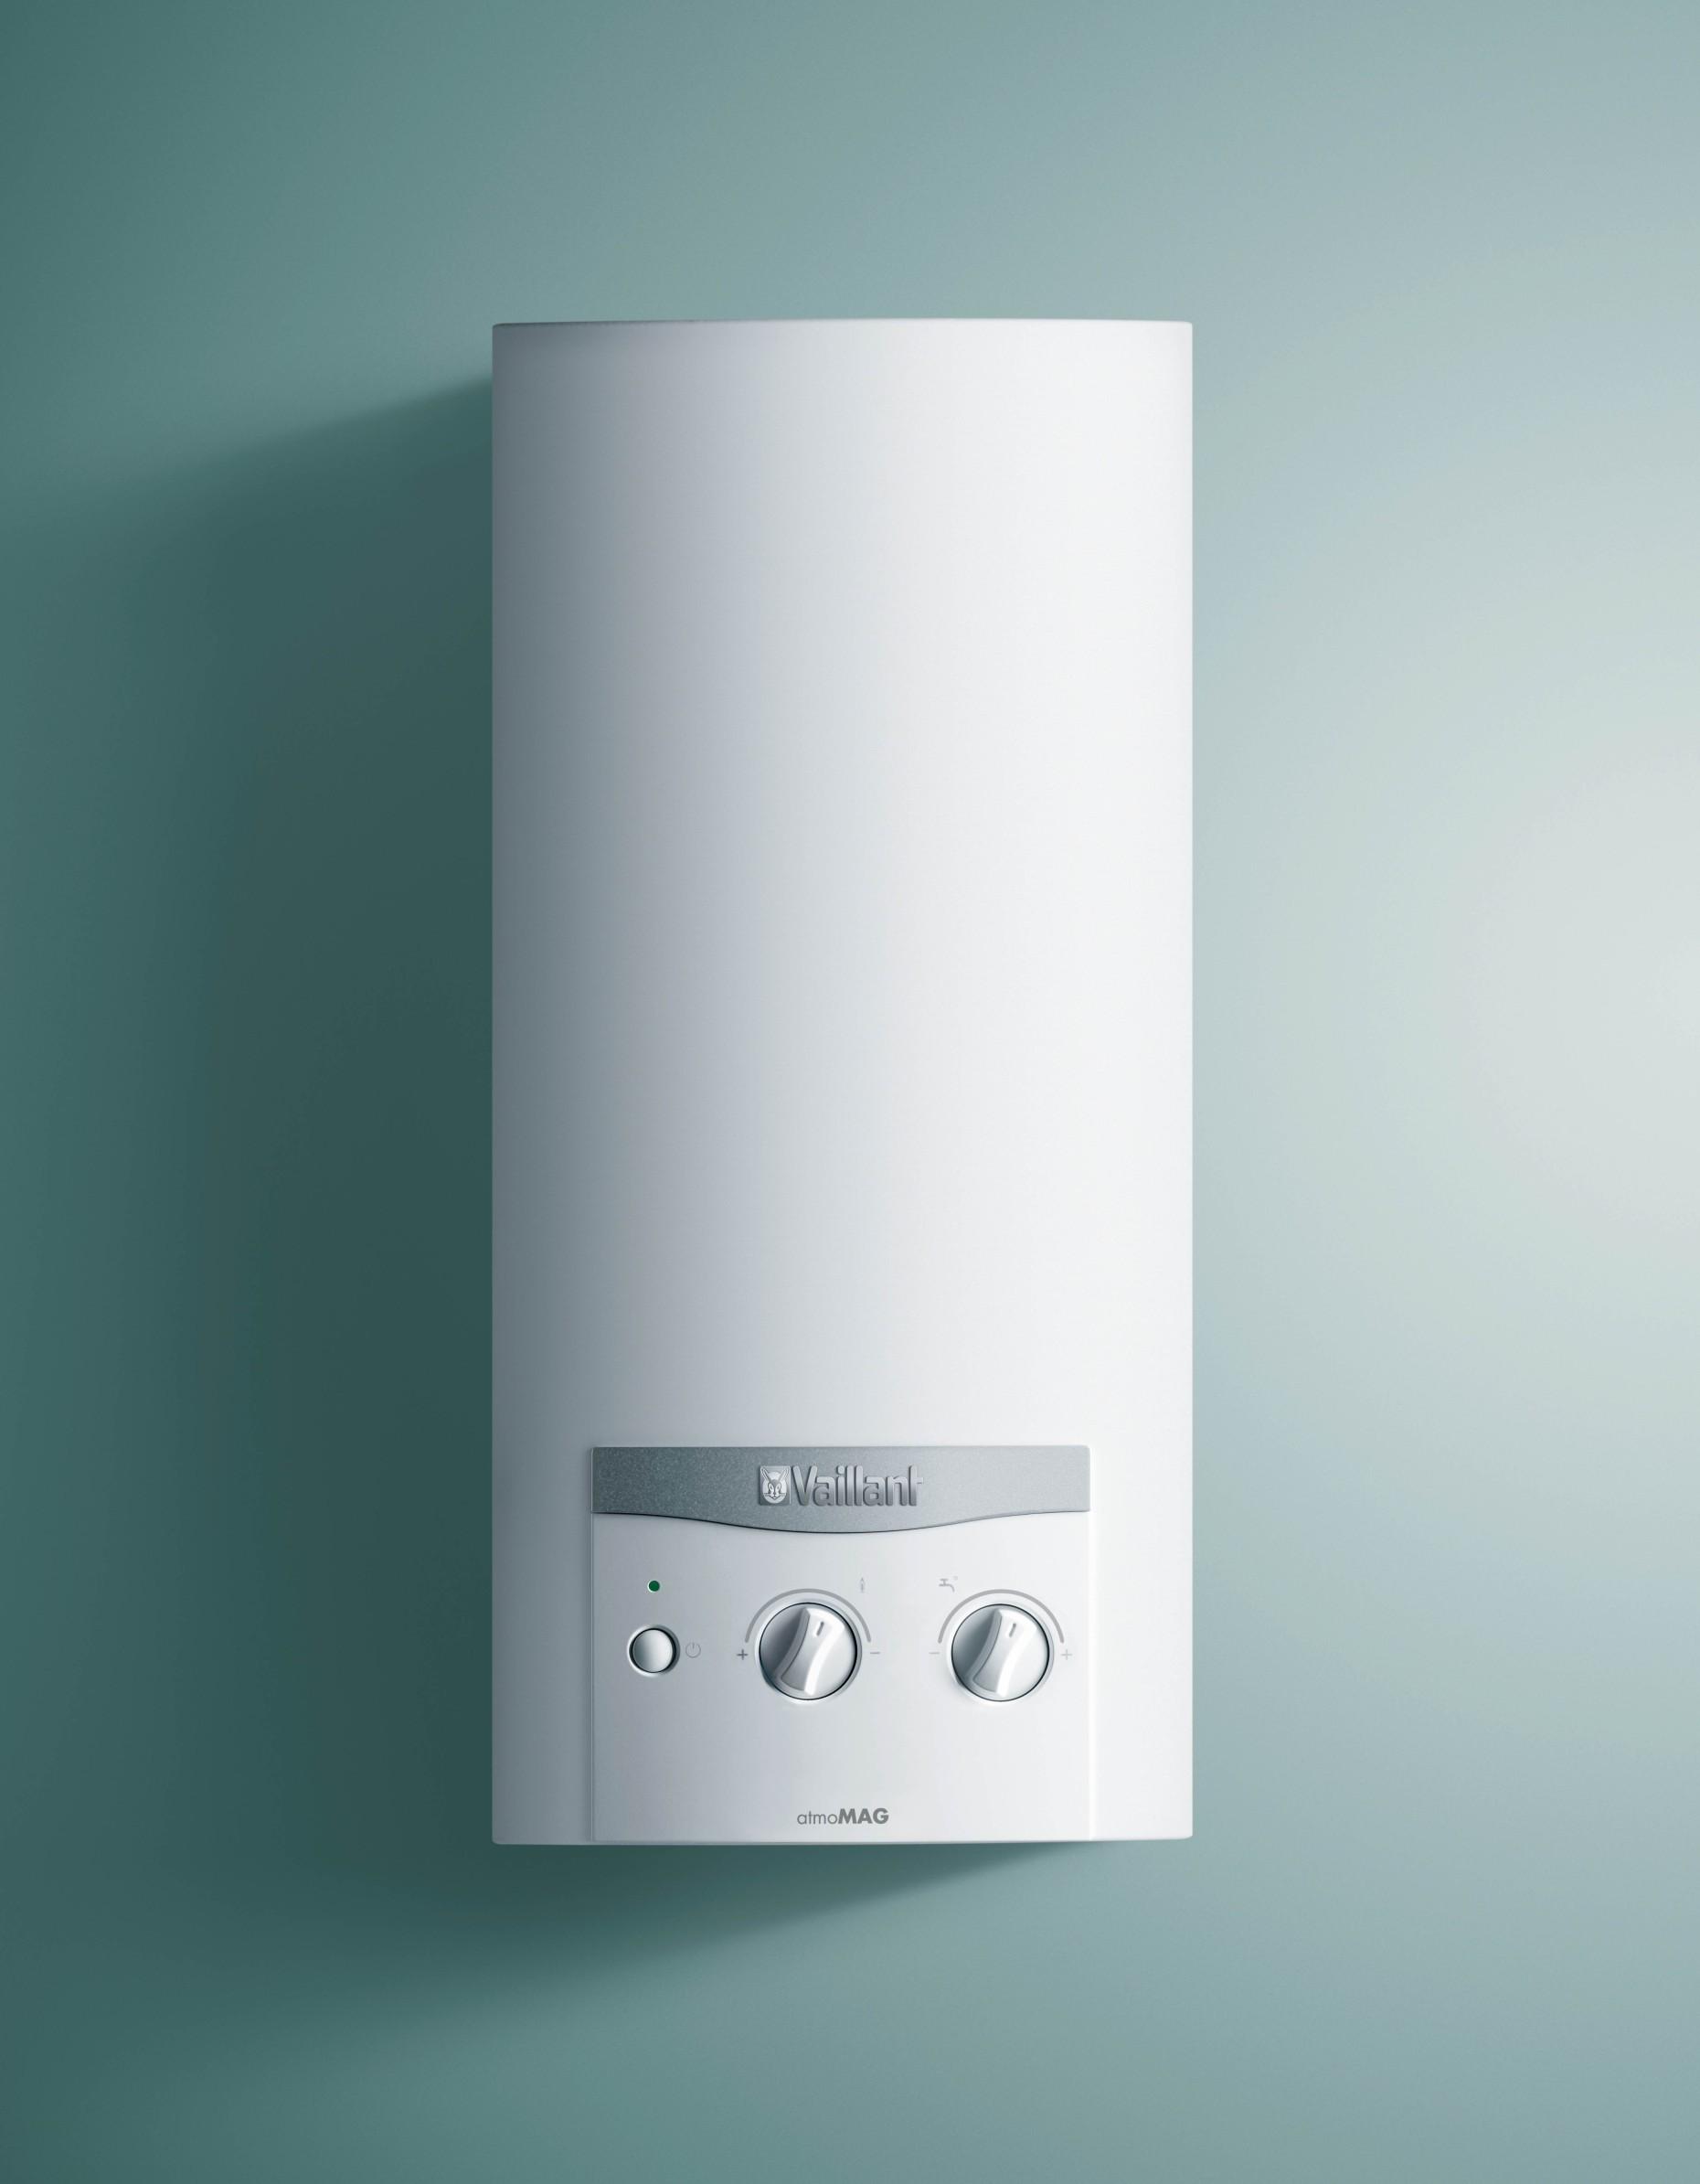 atmomag mini calentadores de agua a gas vaillant. Black Bedroom Furniture Sets. Home Design Ideas